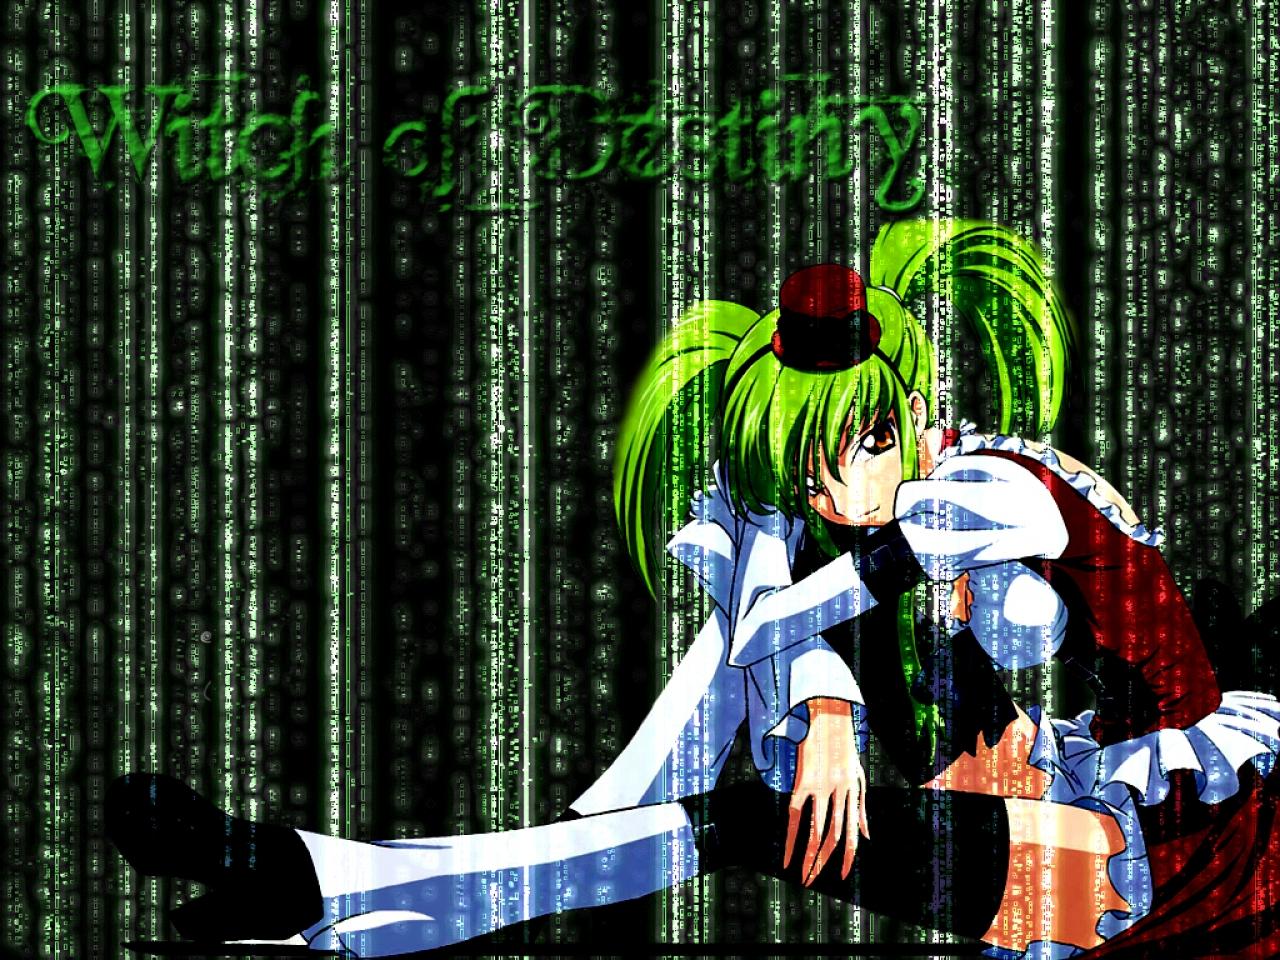 http://3.bp.blogspot.com/-p6IvrAWPX3Y/Tus8EqXScdI/AAAAAAAABSc/jJIjsLXTciQ/s1600/Code+Geass+CC.jpg